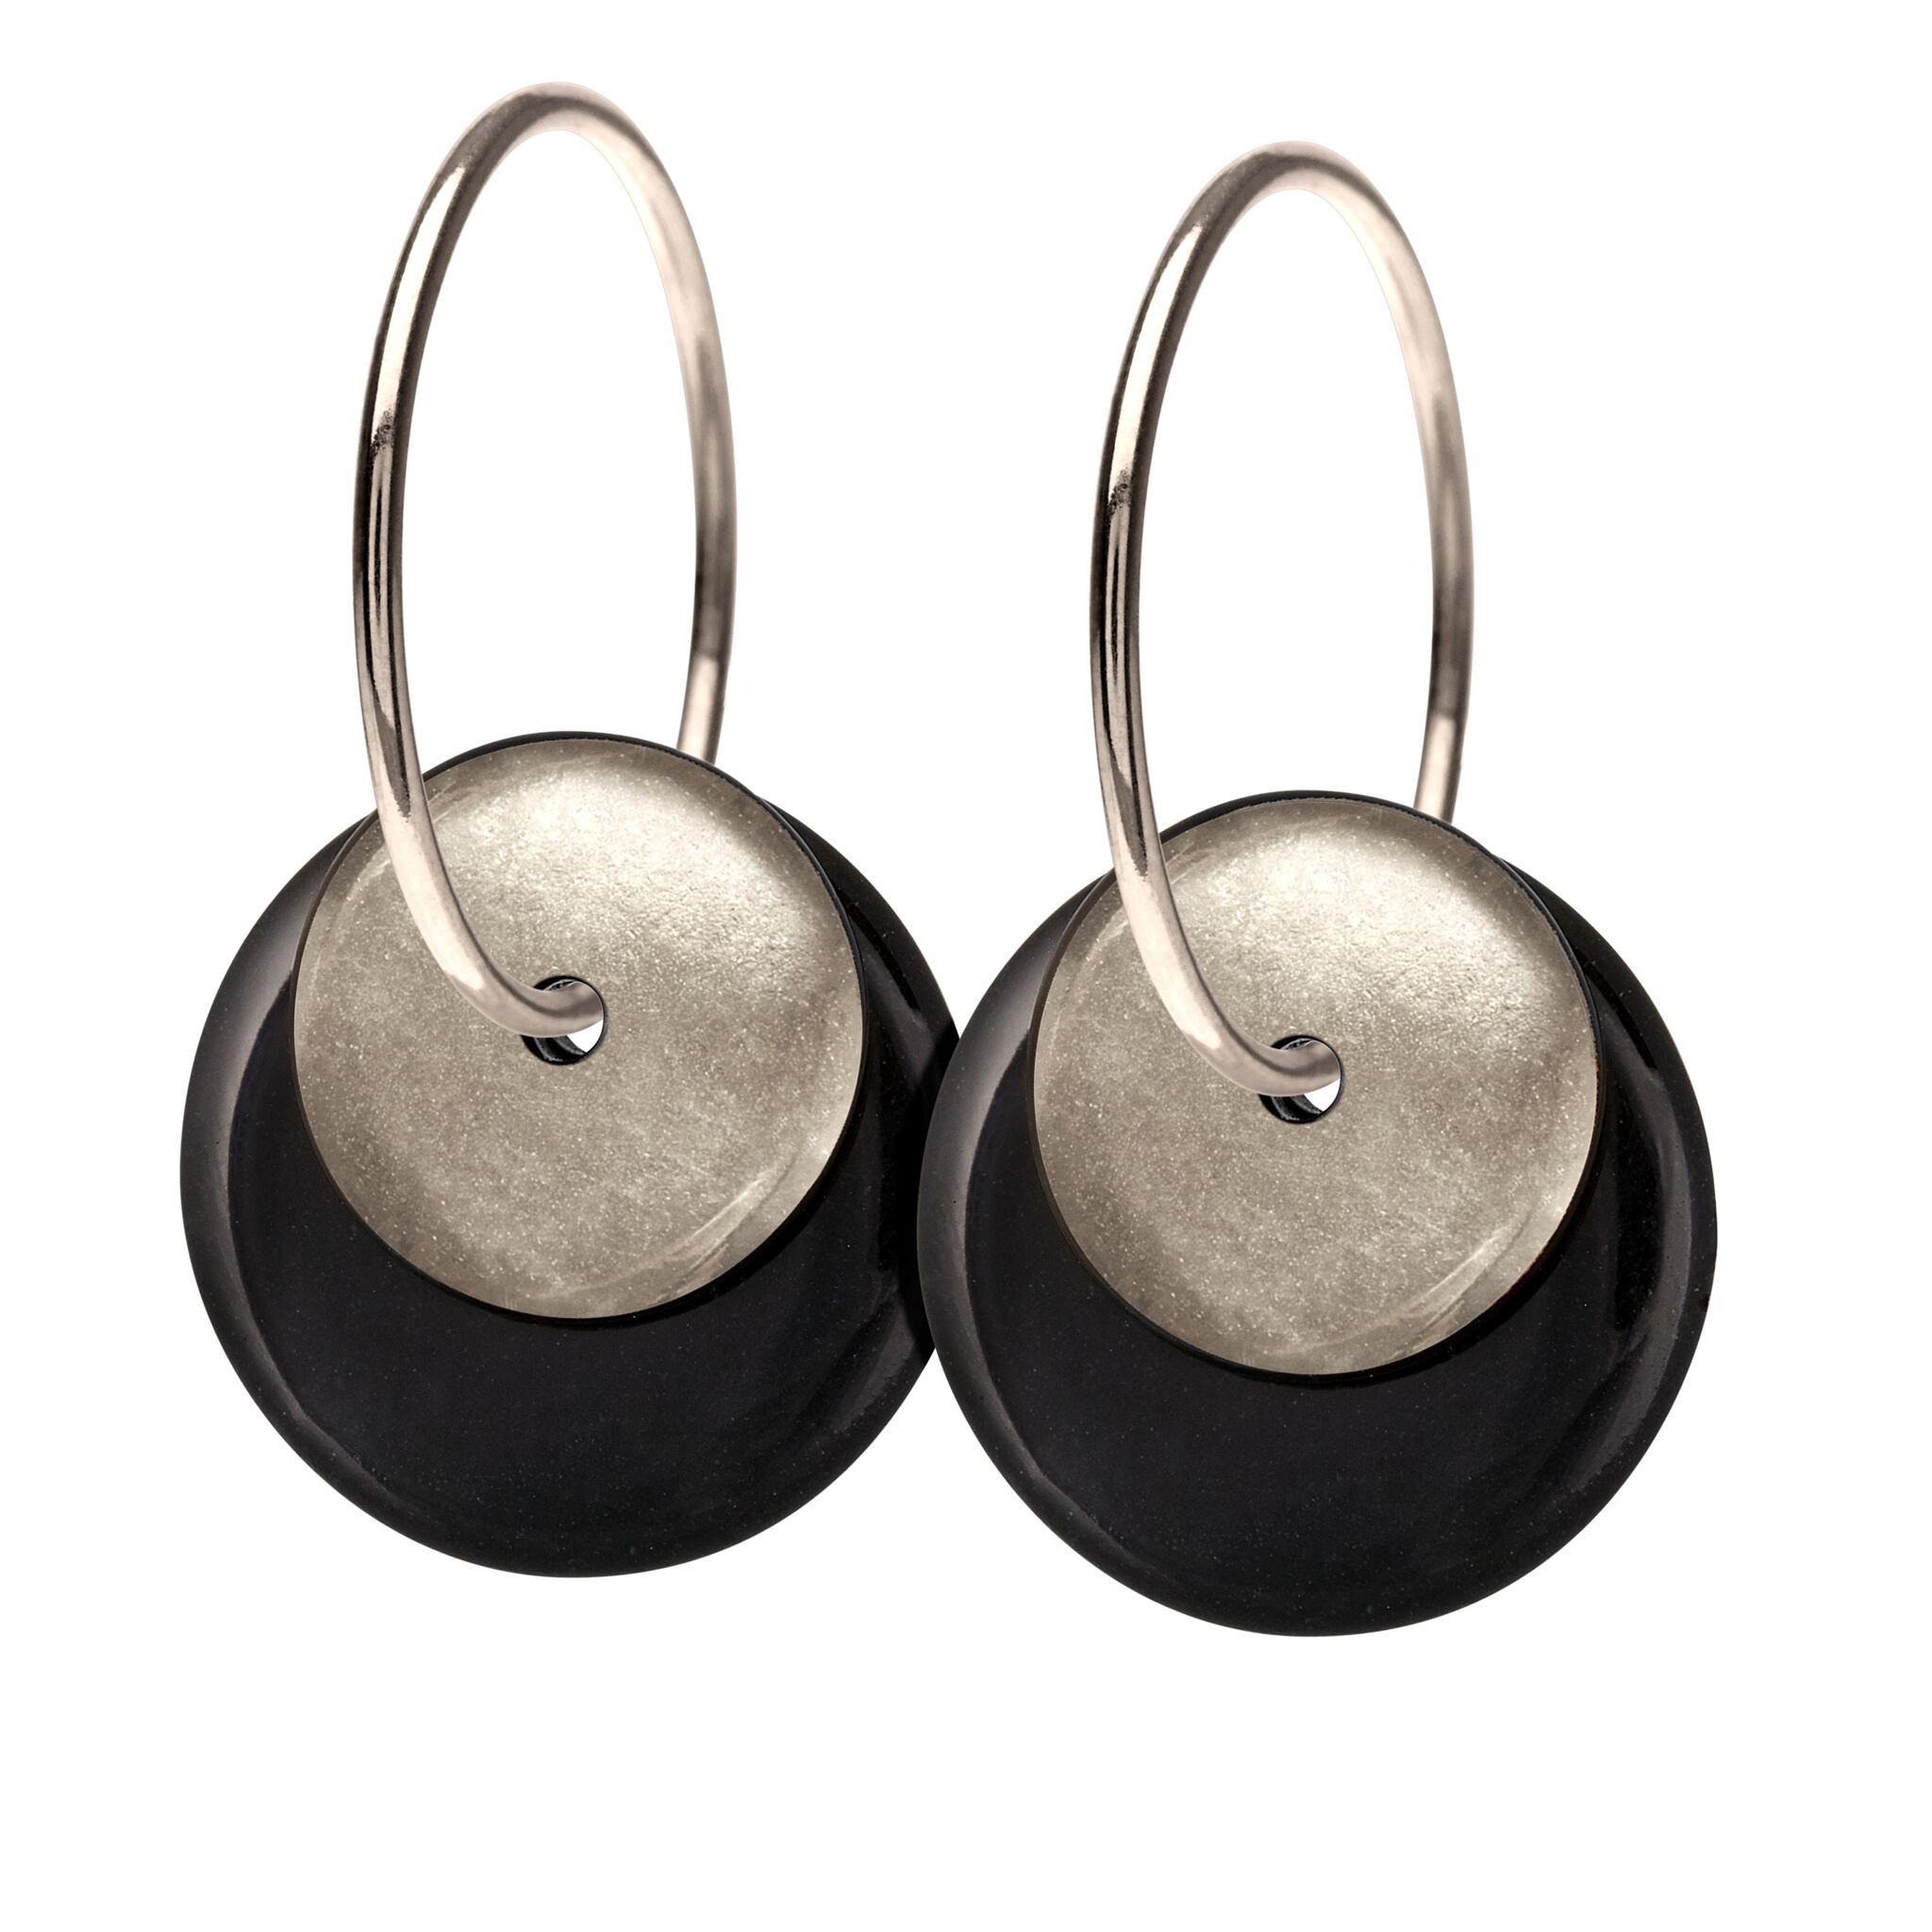 Scherning Halo Black Silver Øreringe i Sterling Sølv